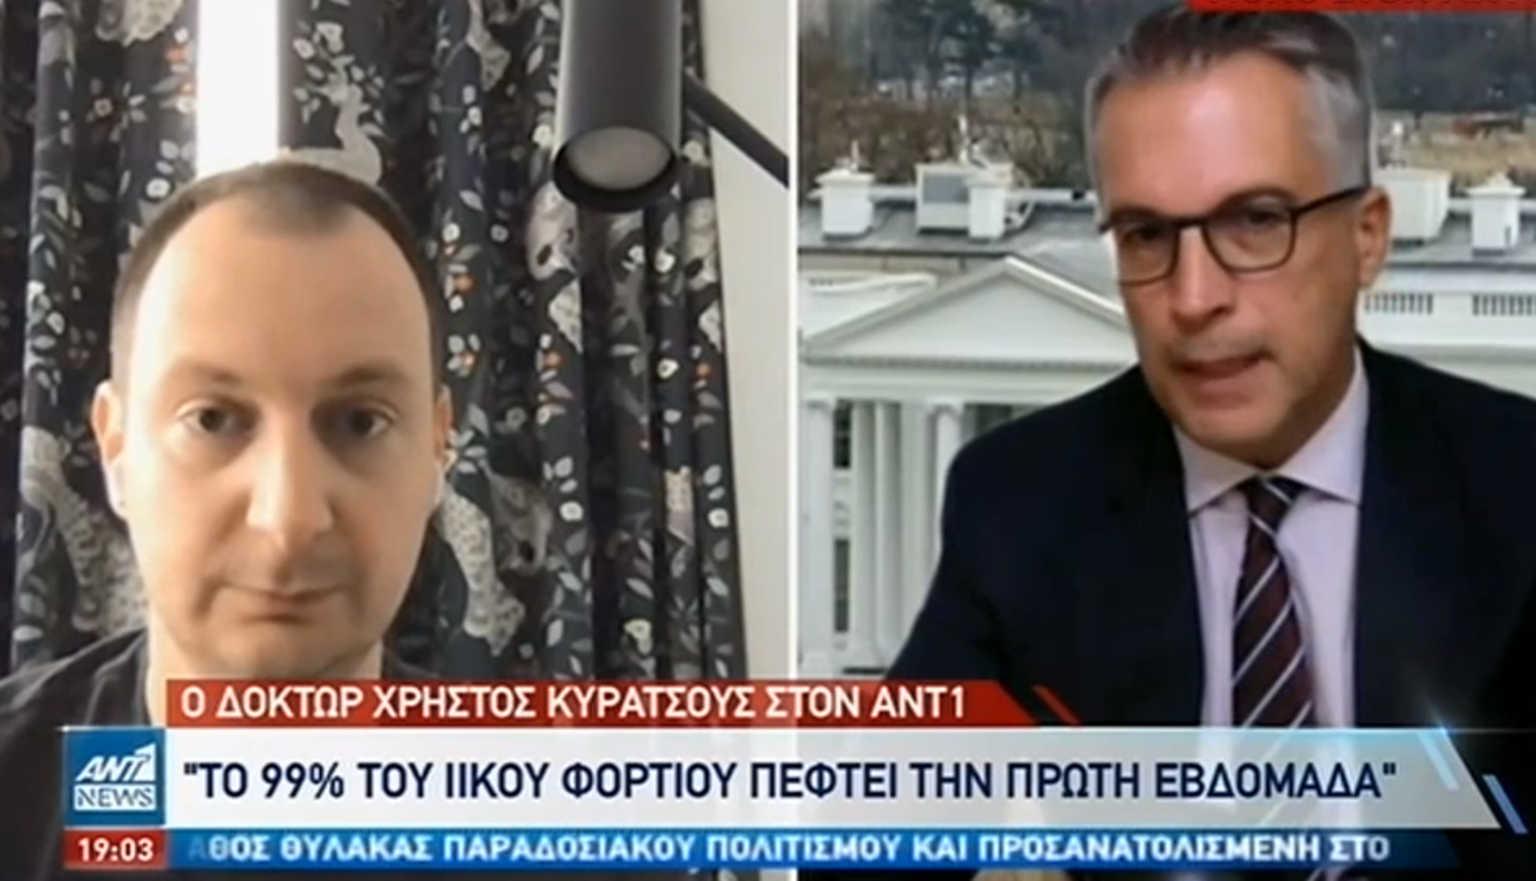 """Τραμπ: Τι δηλώνει ο ένας από τους δύο Έλληνες που δημιούργησαν το """"κοκτέιλ"""" αντισωμάτων (video)"""